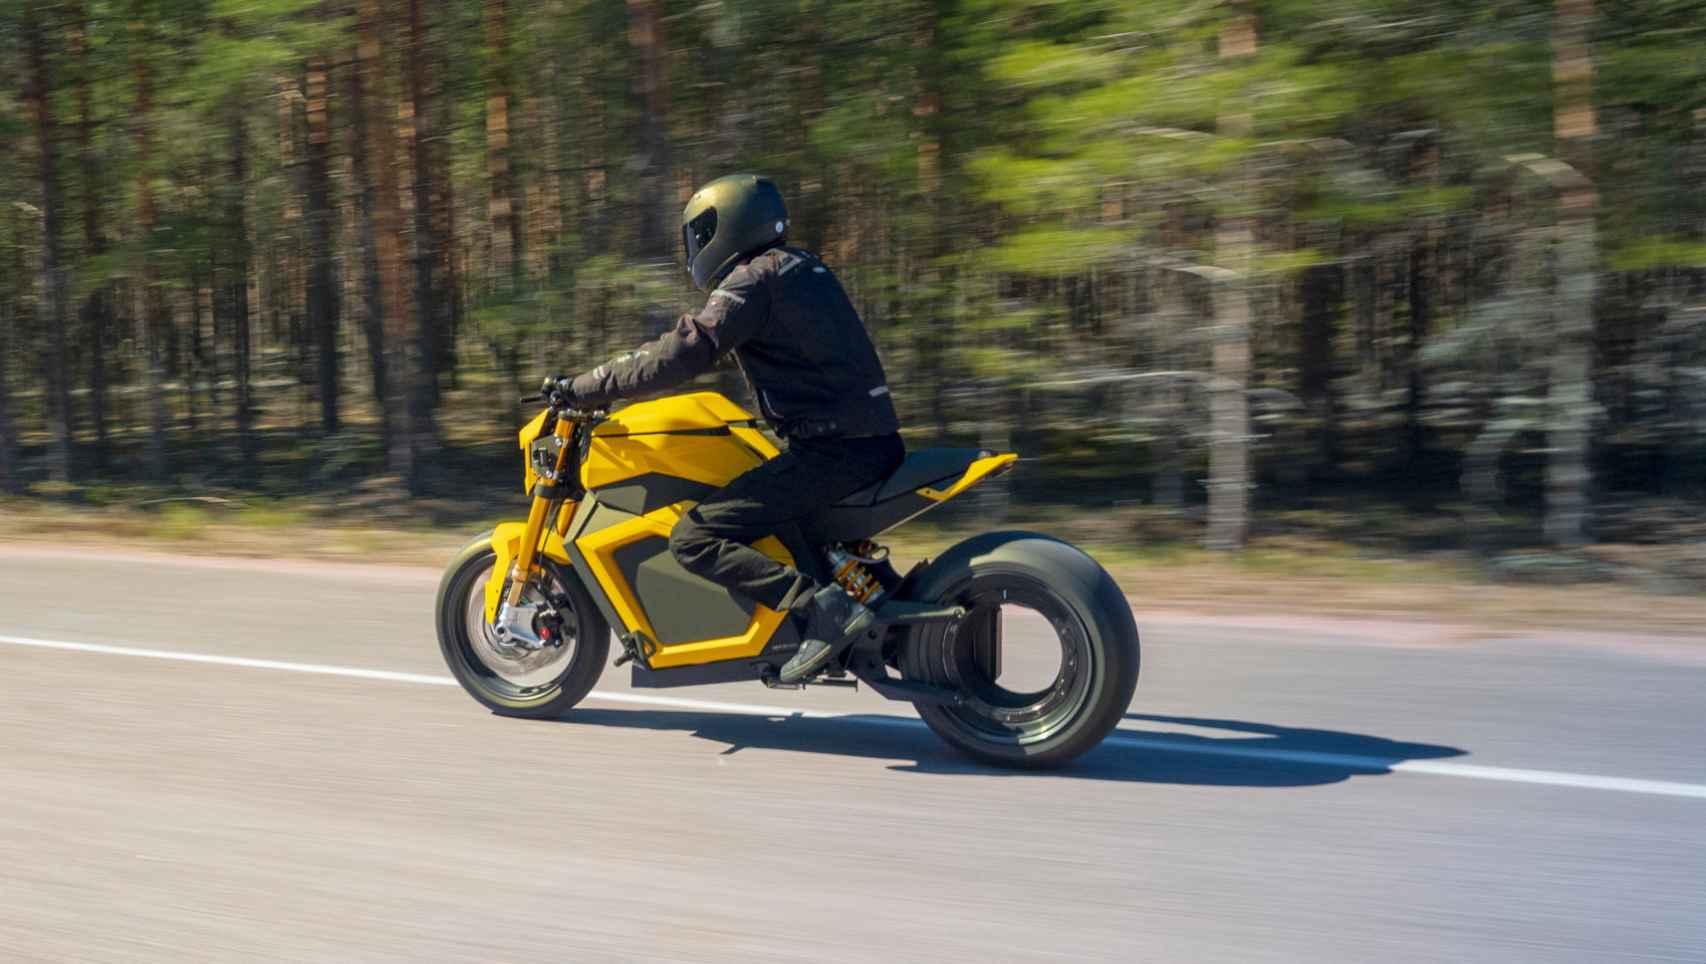 La moto eléctrica Verge TS ya está siendo probada en carretera